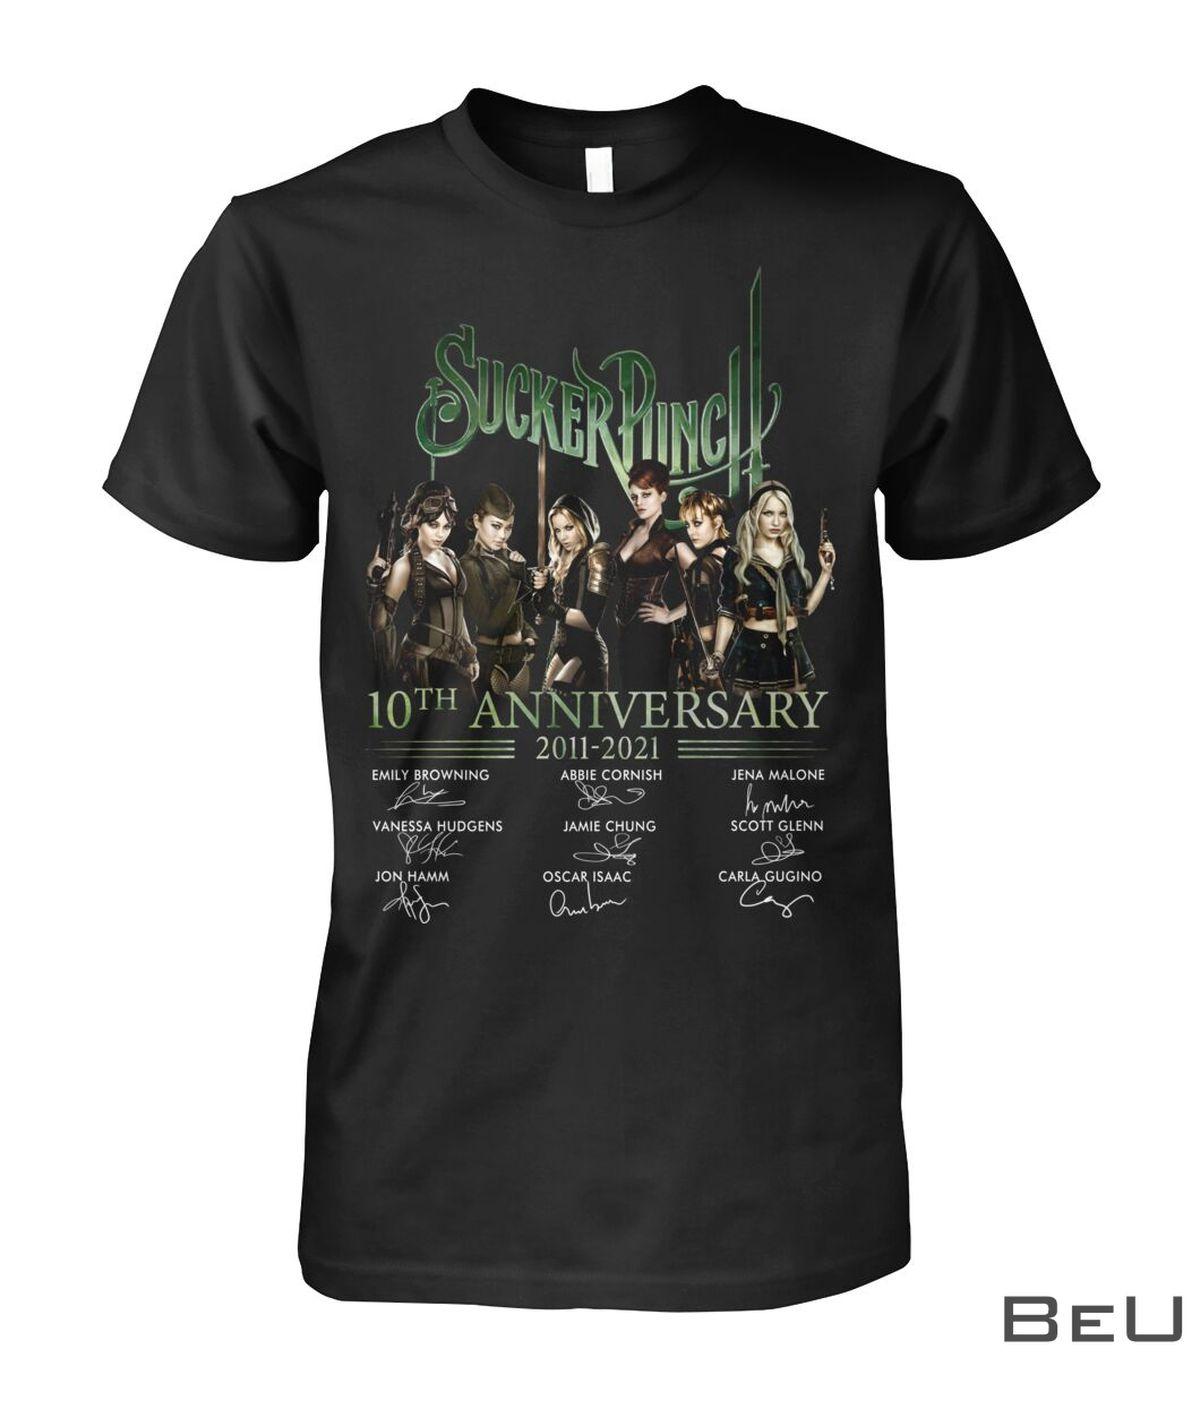 Sucker Punch 10th Anniversary 2011-2021 Shirt